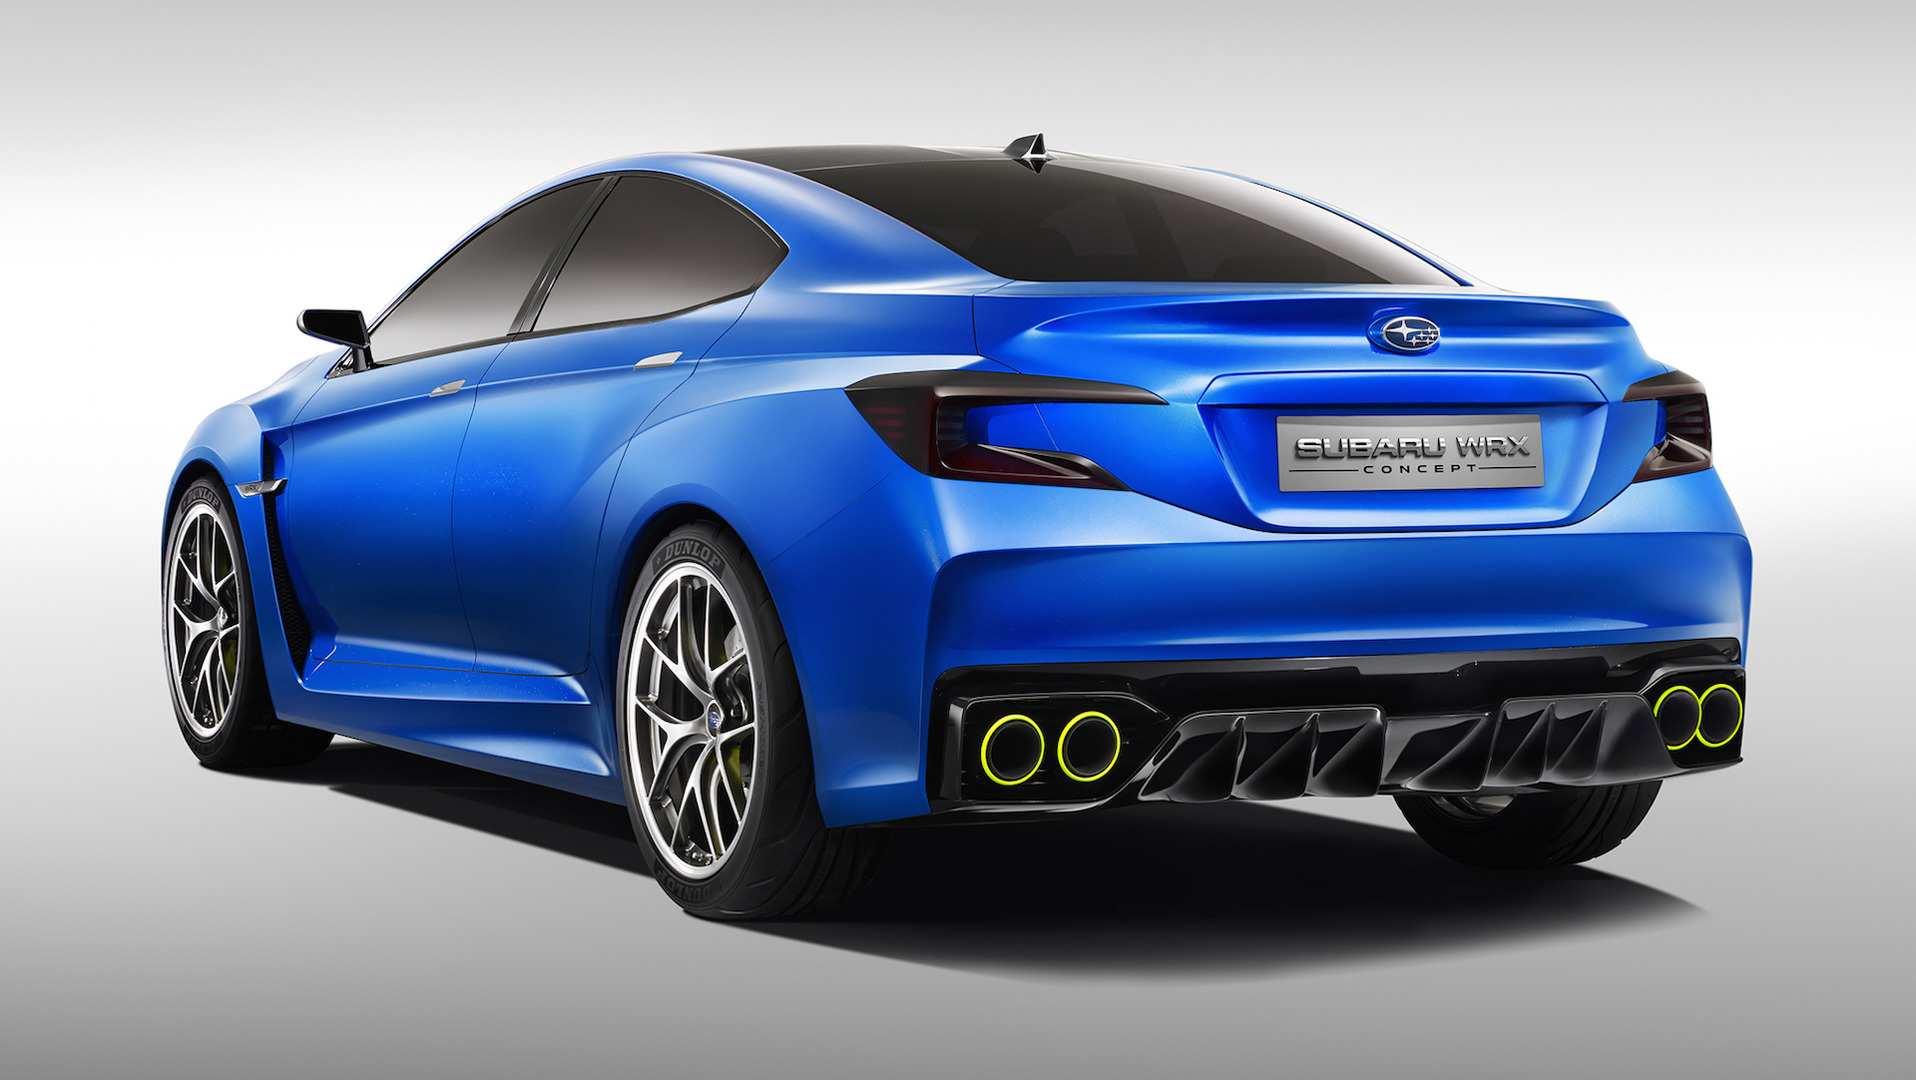 46 Gallery of Subaru Concept 2020 Price for Subaru Concept 2020